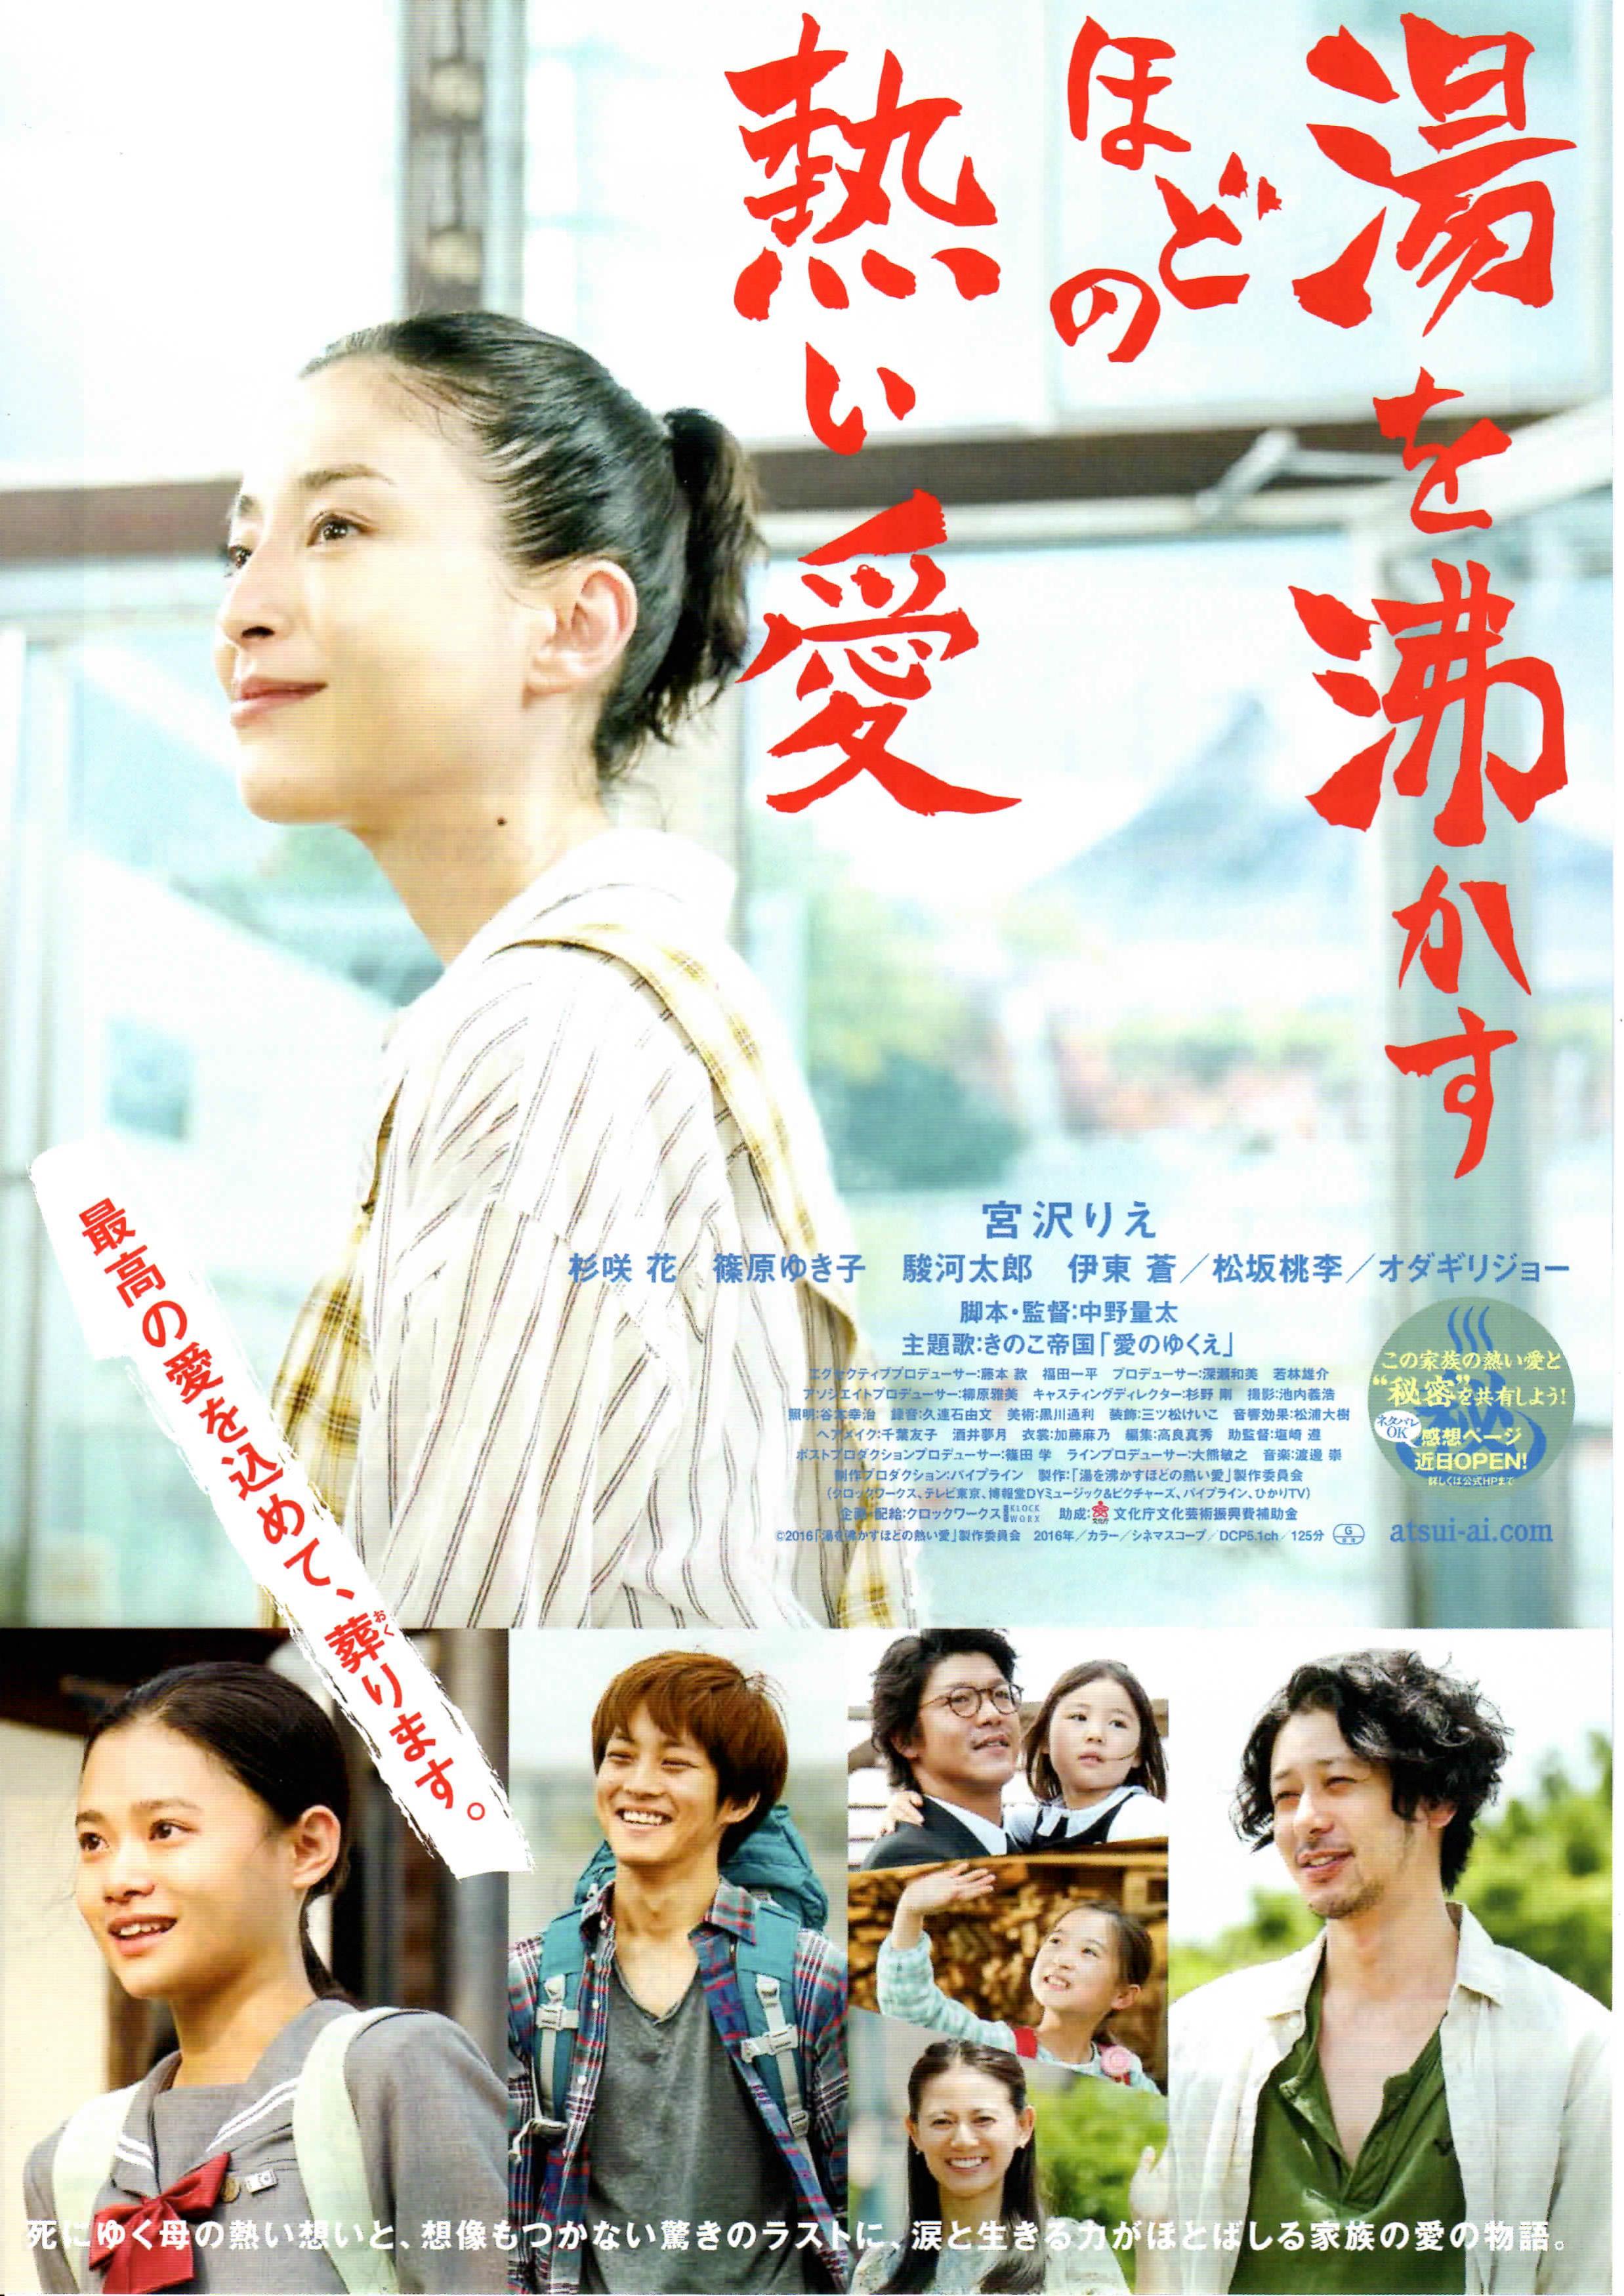 弥生の風名作シネマ劇場【湯を沸かすほどの熱い愛】~和泉シティプラザにて上映~